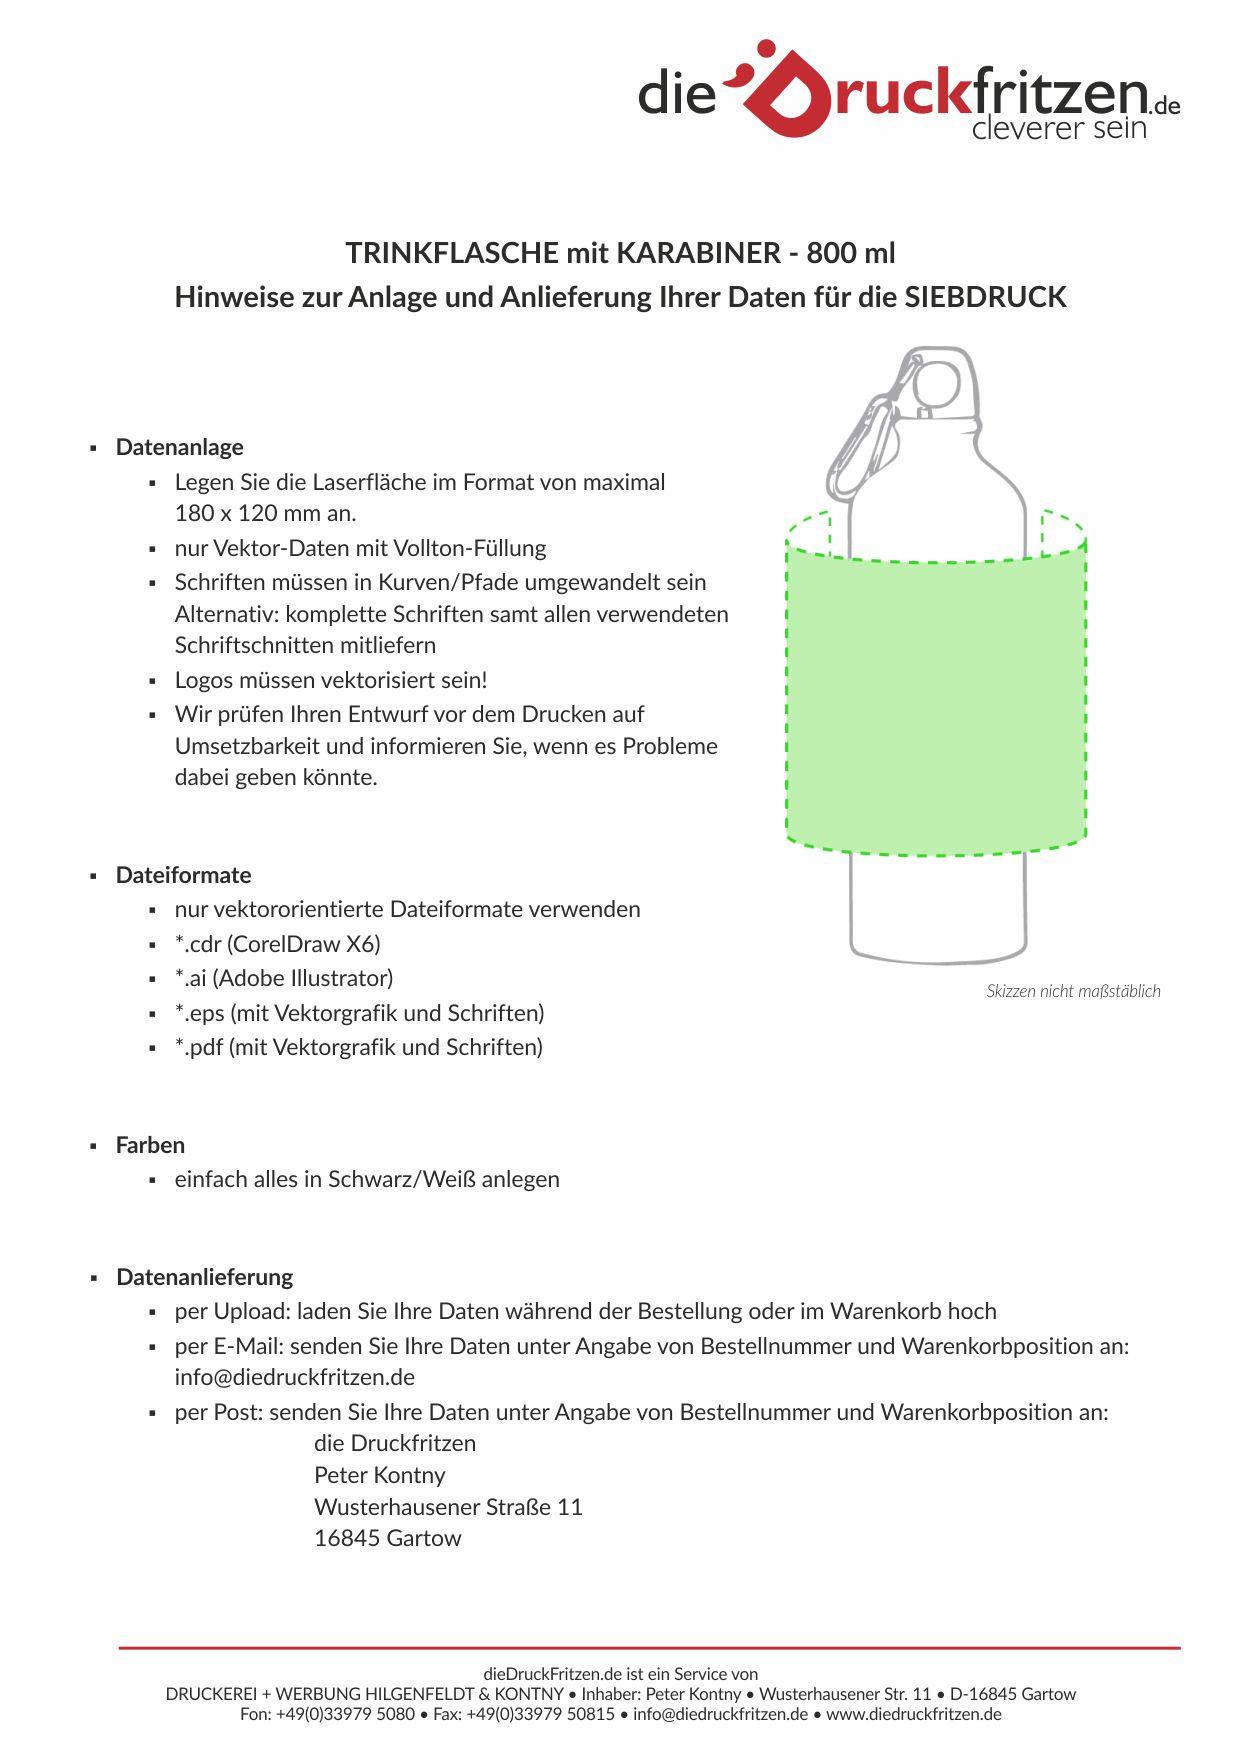 dieDruckfritzen_Datenblatt_Trinkflasche-Karabiner-800ml_Sieb